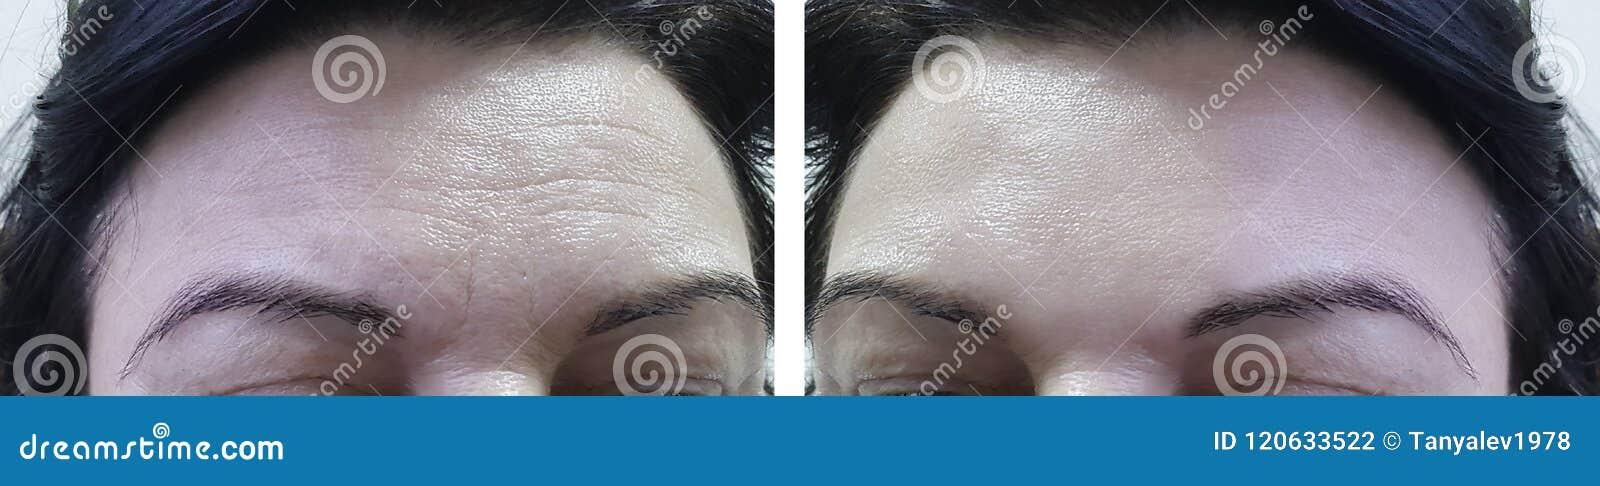 Enfrente enrugamentos idosos da testa da mulher antes e depois do colagênio cosmético dos procedimentos